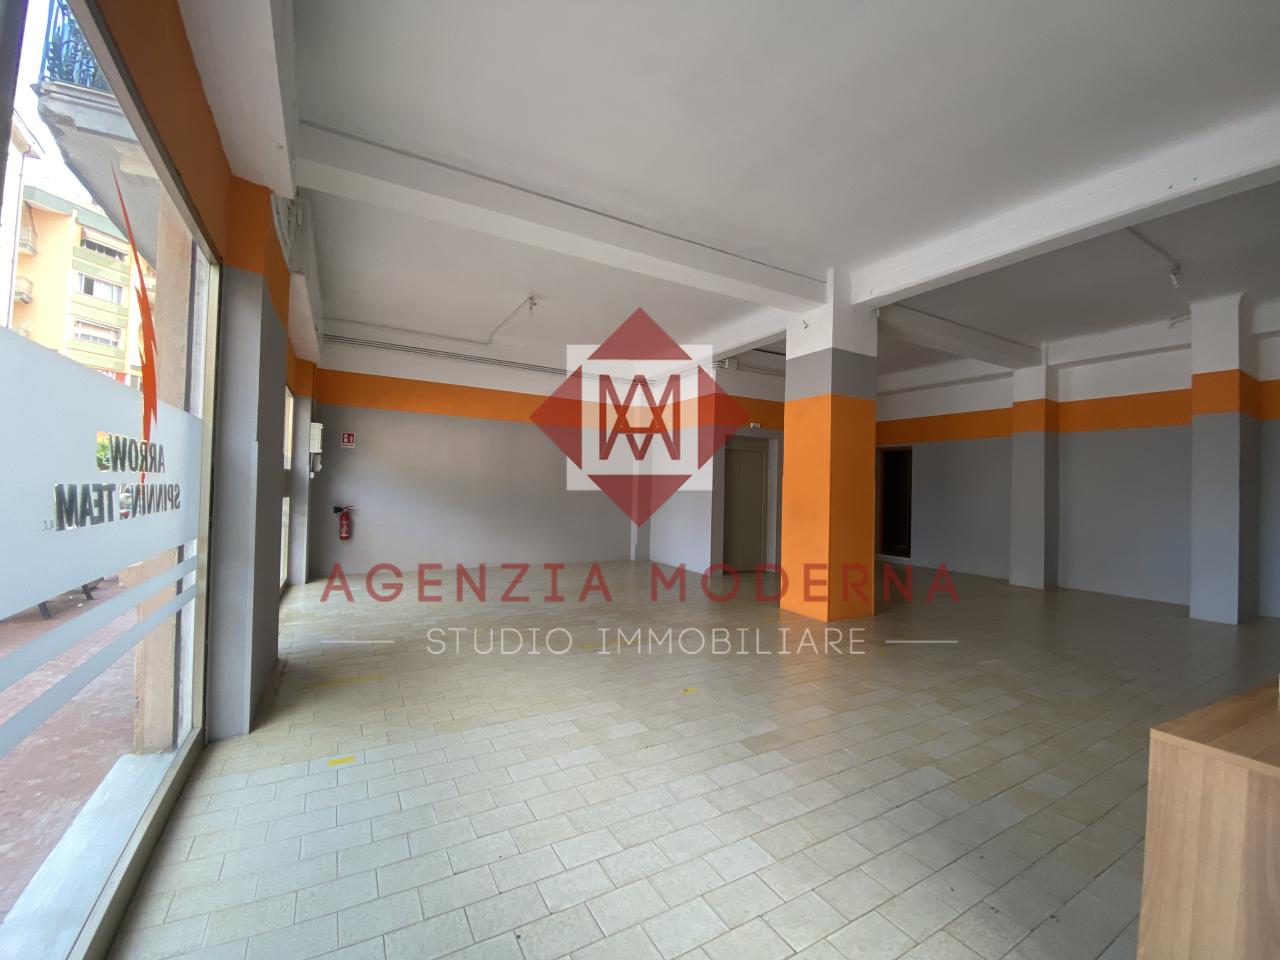 Negozio / Locale in vendita a Ventimiglia, 9999 locali, prezzo € 180.000 | PortaleAgenzieImmobiliari.it